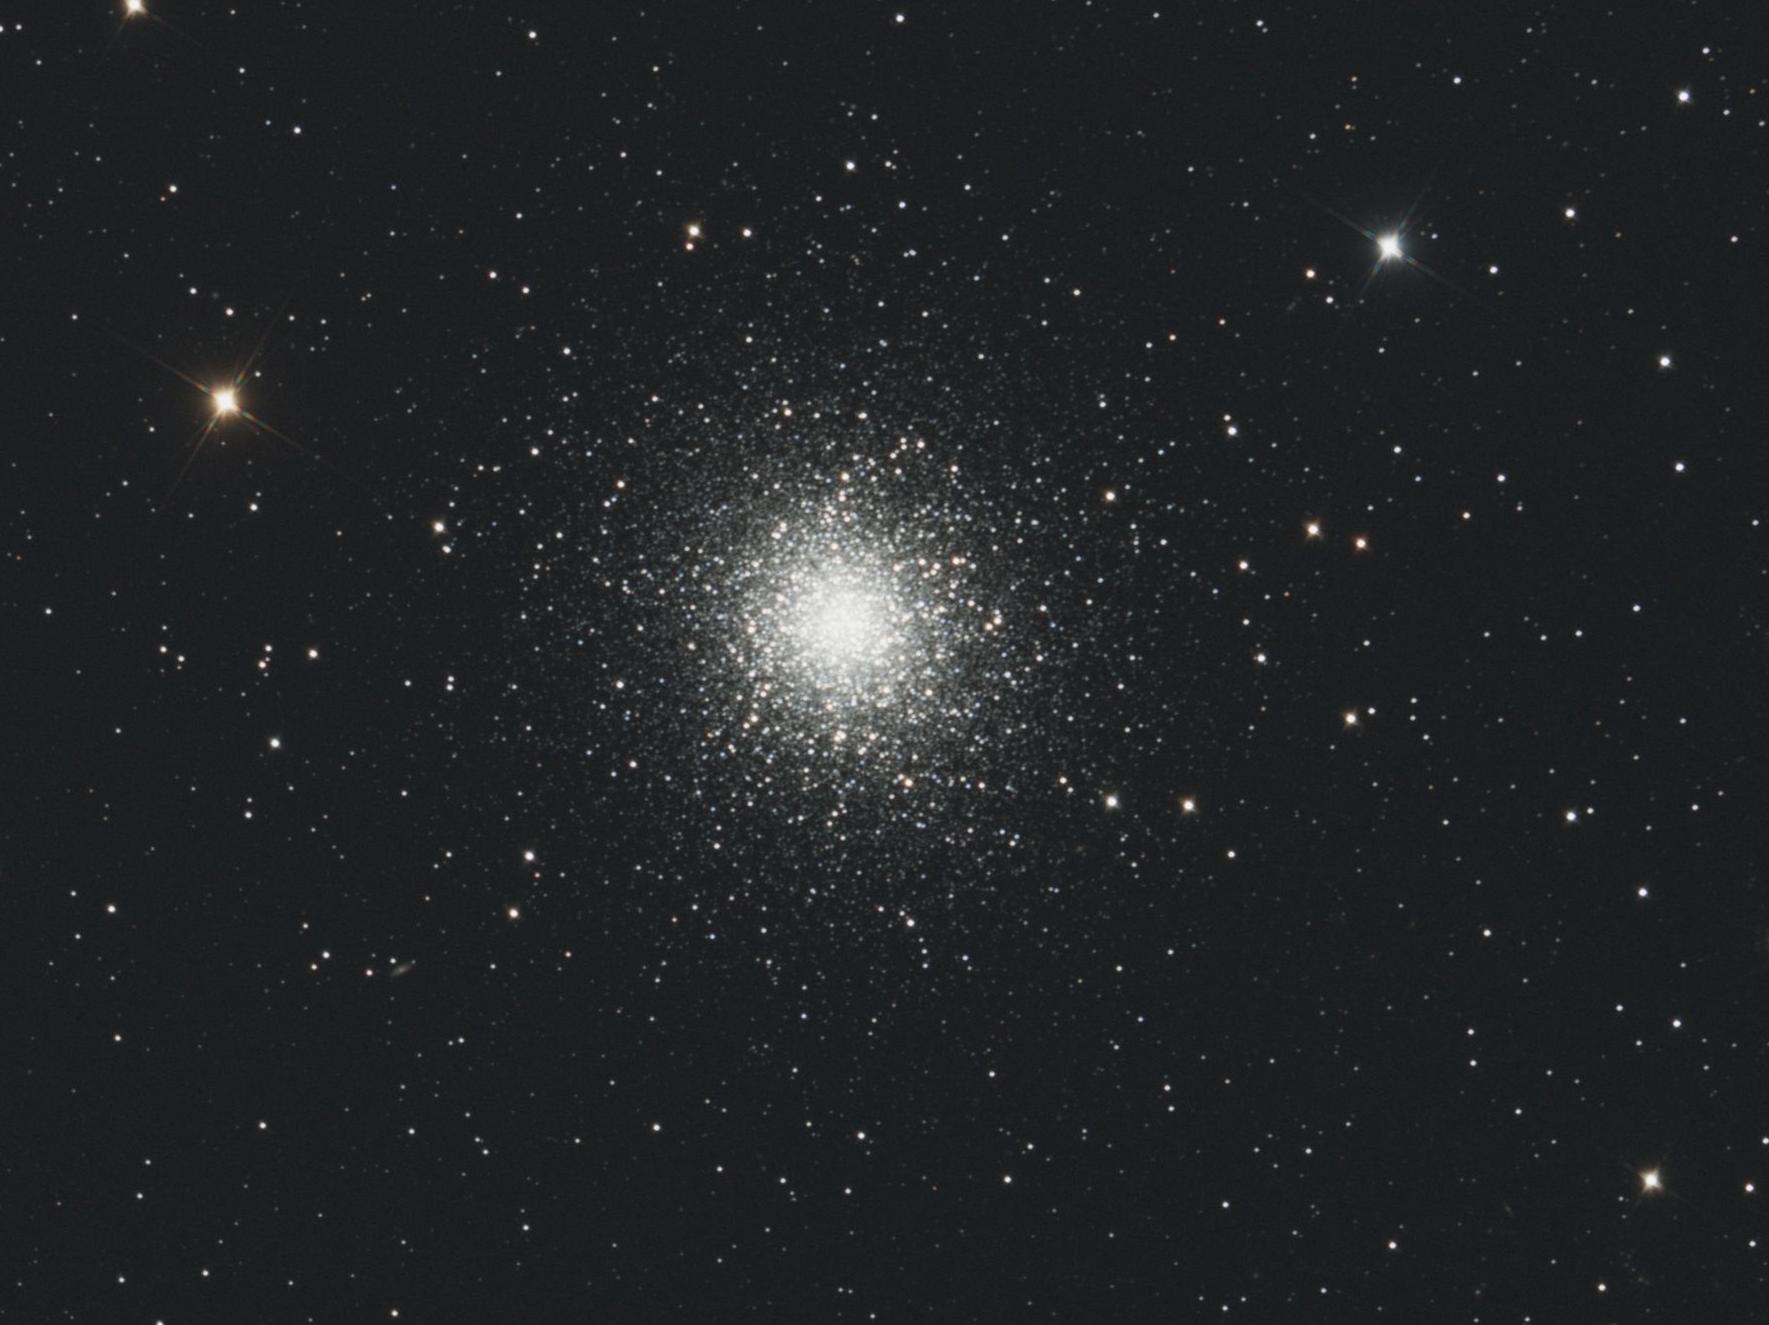 f:id:snct-astro:20201014184424p:plain